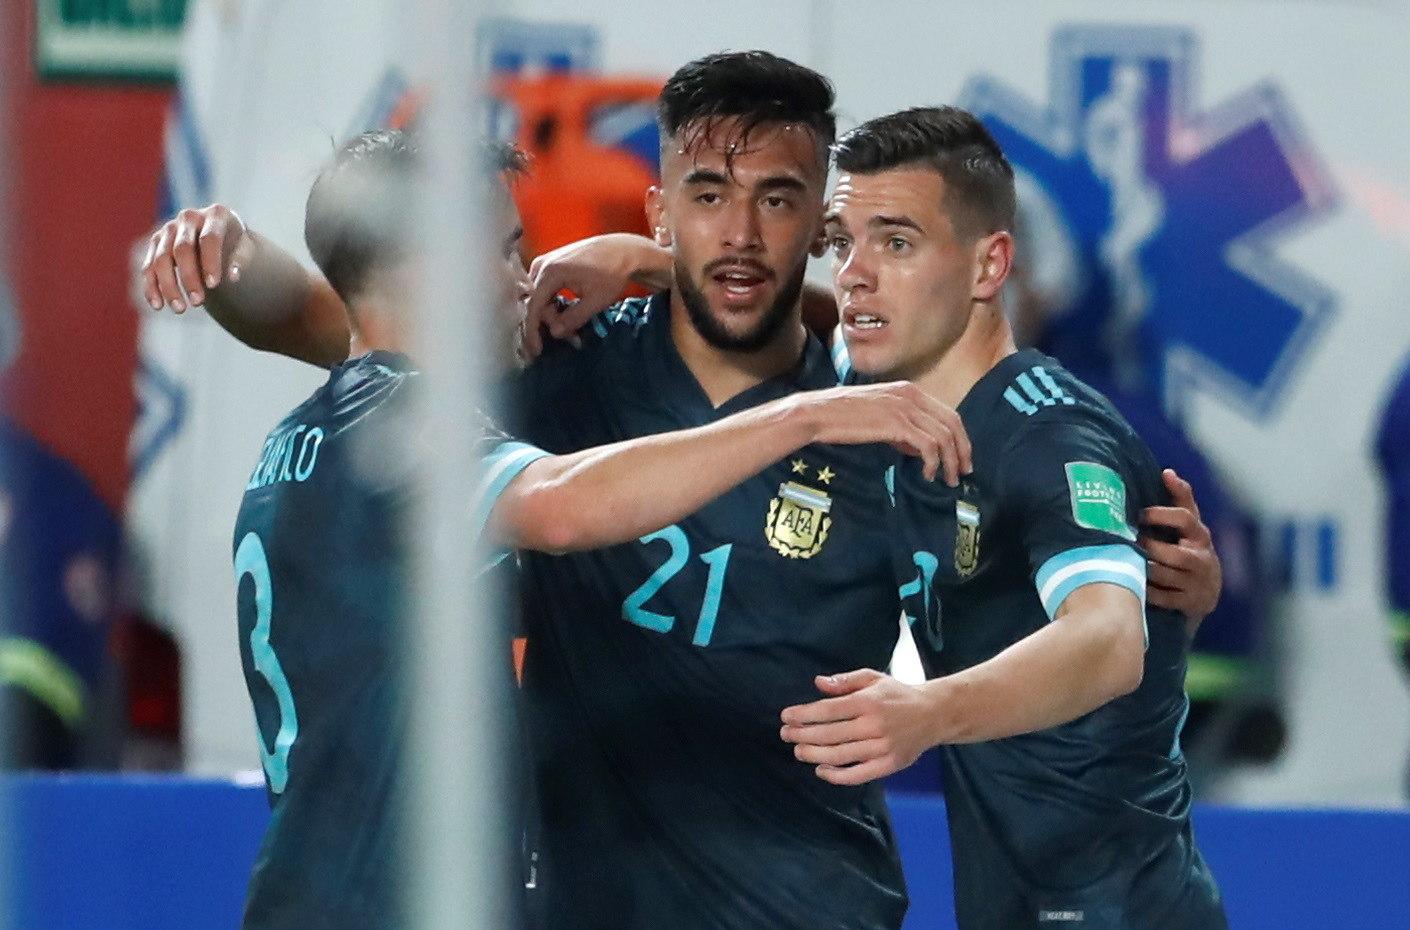 Perú 0-2 Argentina: Argentina aprueba y se lleva un gran triunfo de Lima |  MARCA Claro Argentina